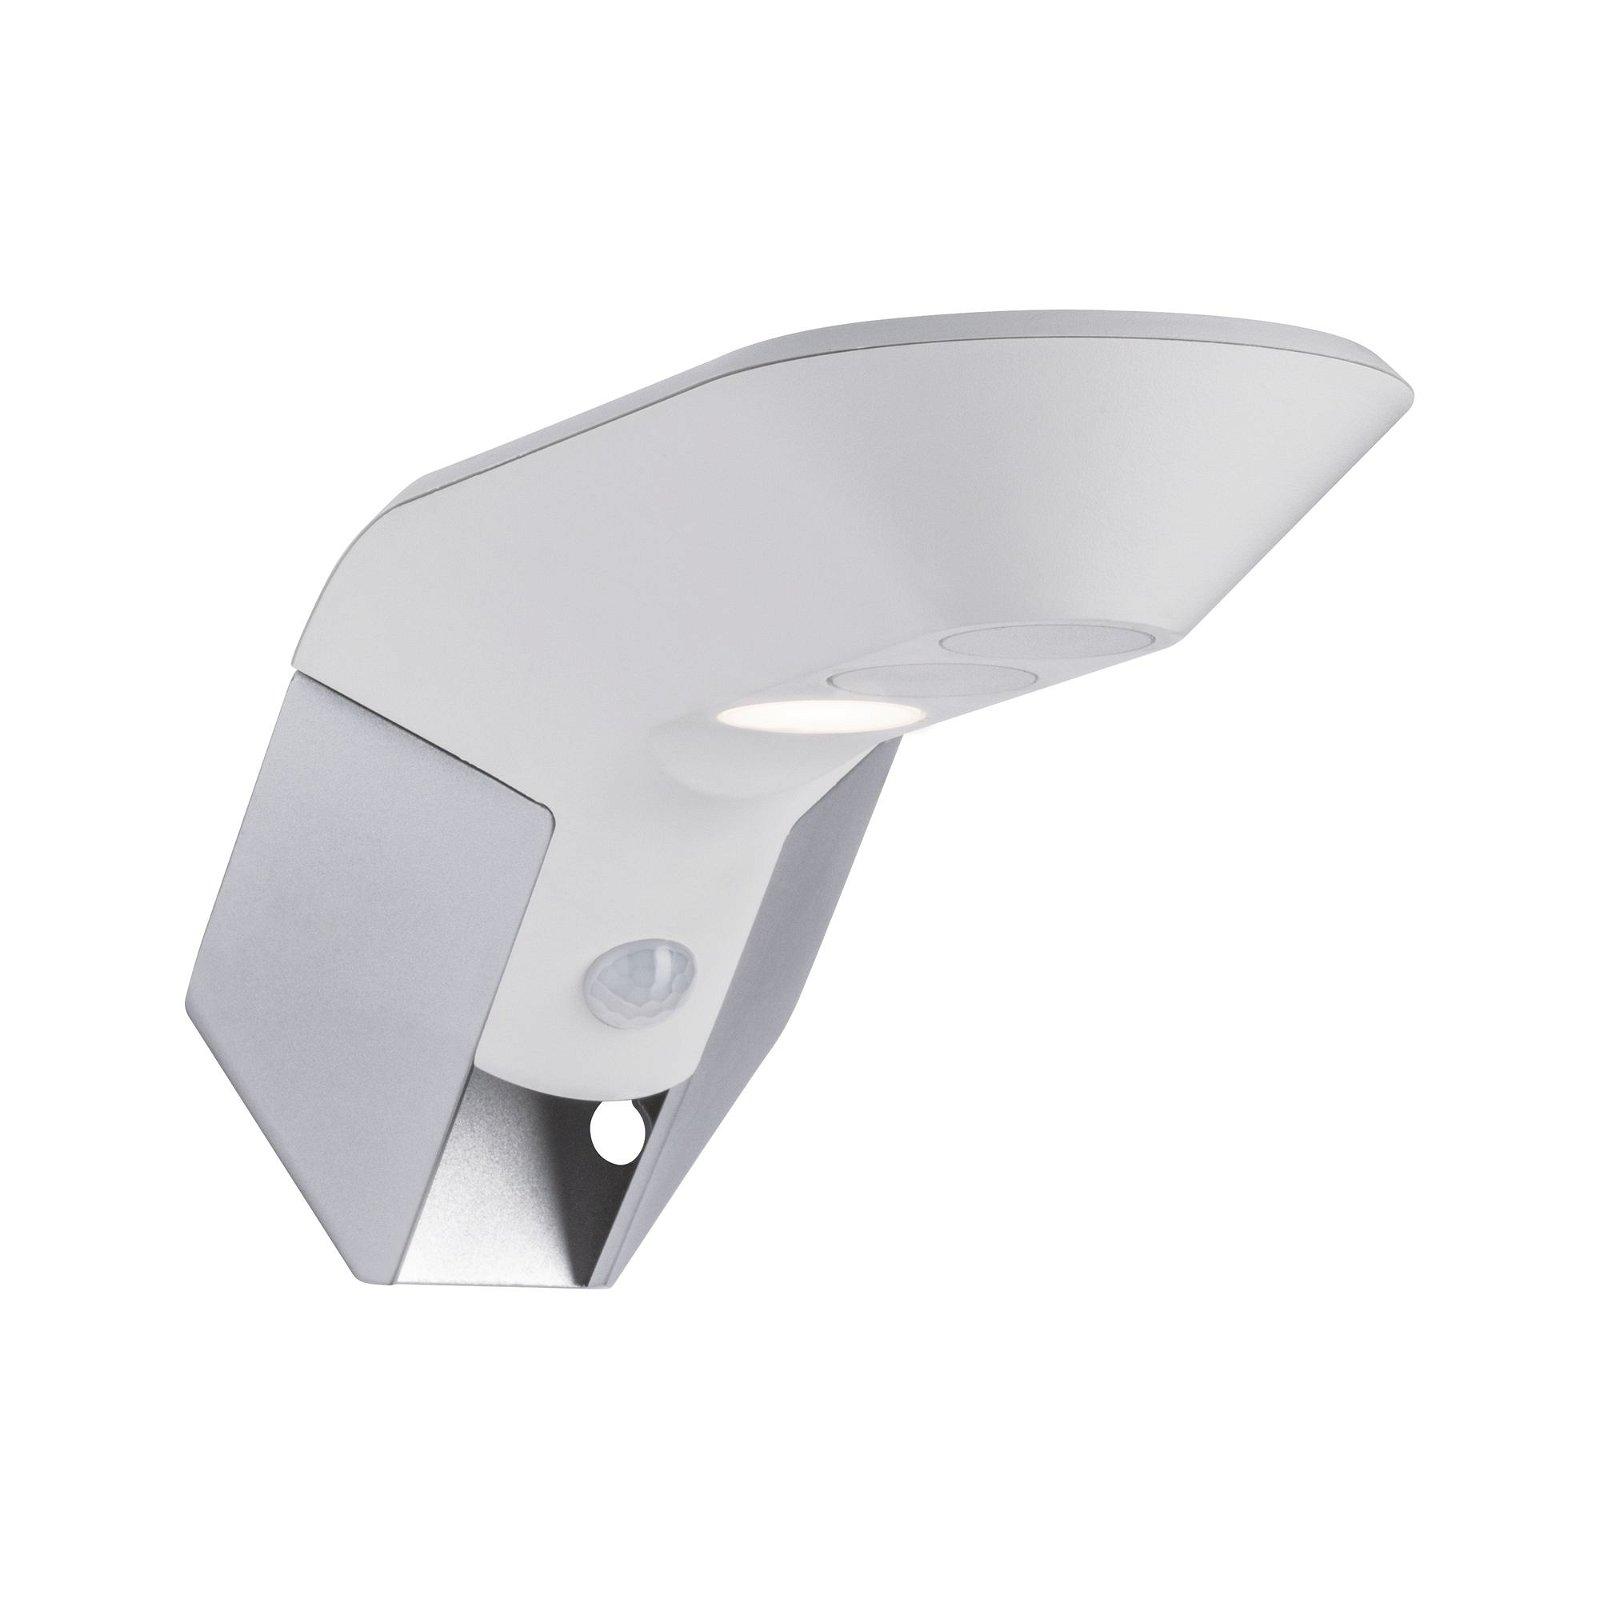 Solar LED Hausnummernleuchte Soley Bewegungsmelder IP44 3000K 150lm Weiß